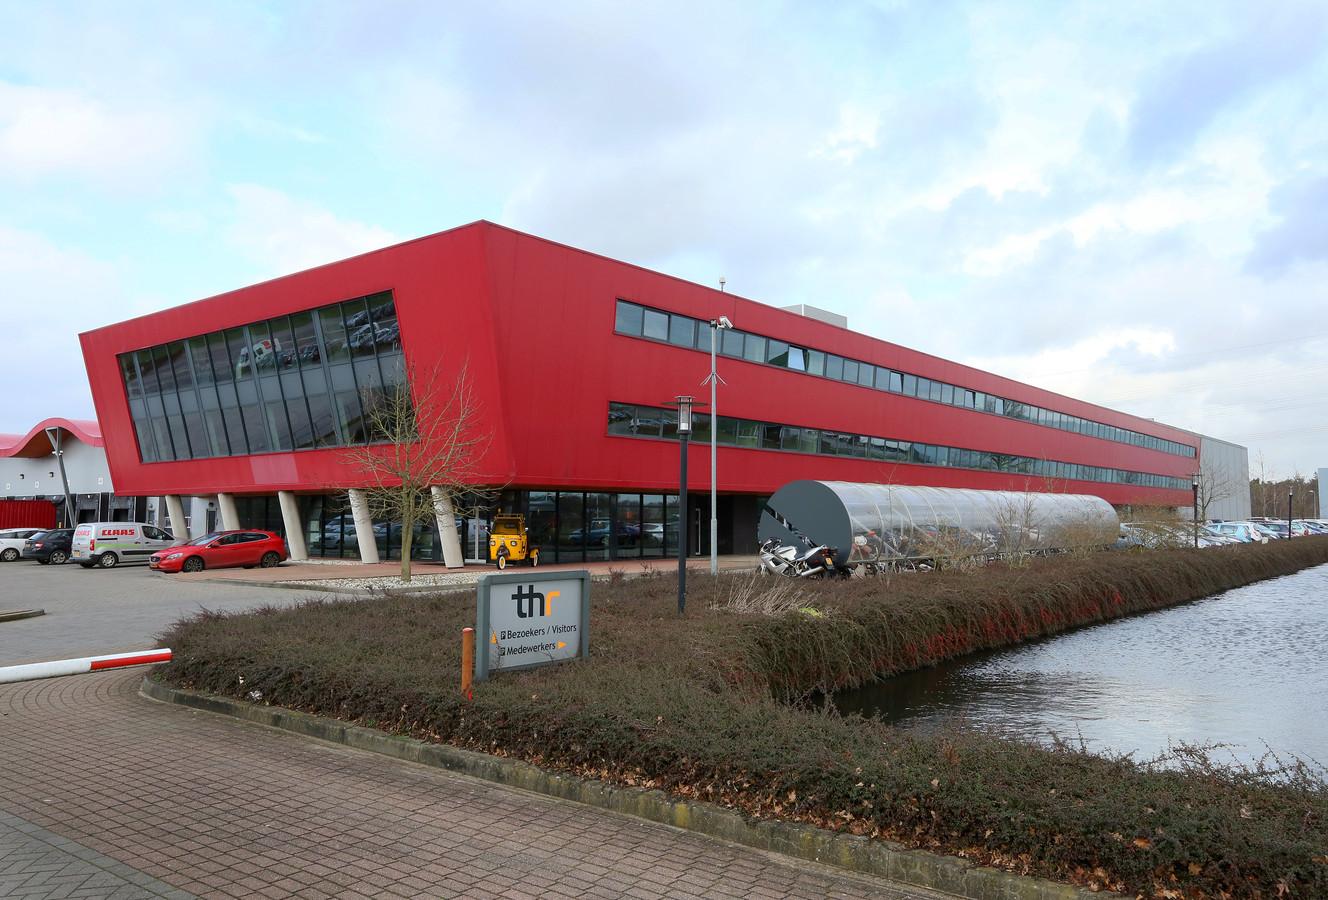 THR huurde dit gebouw van Reesink.